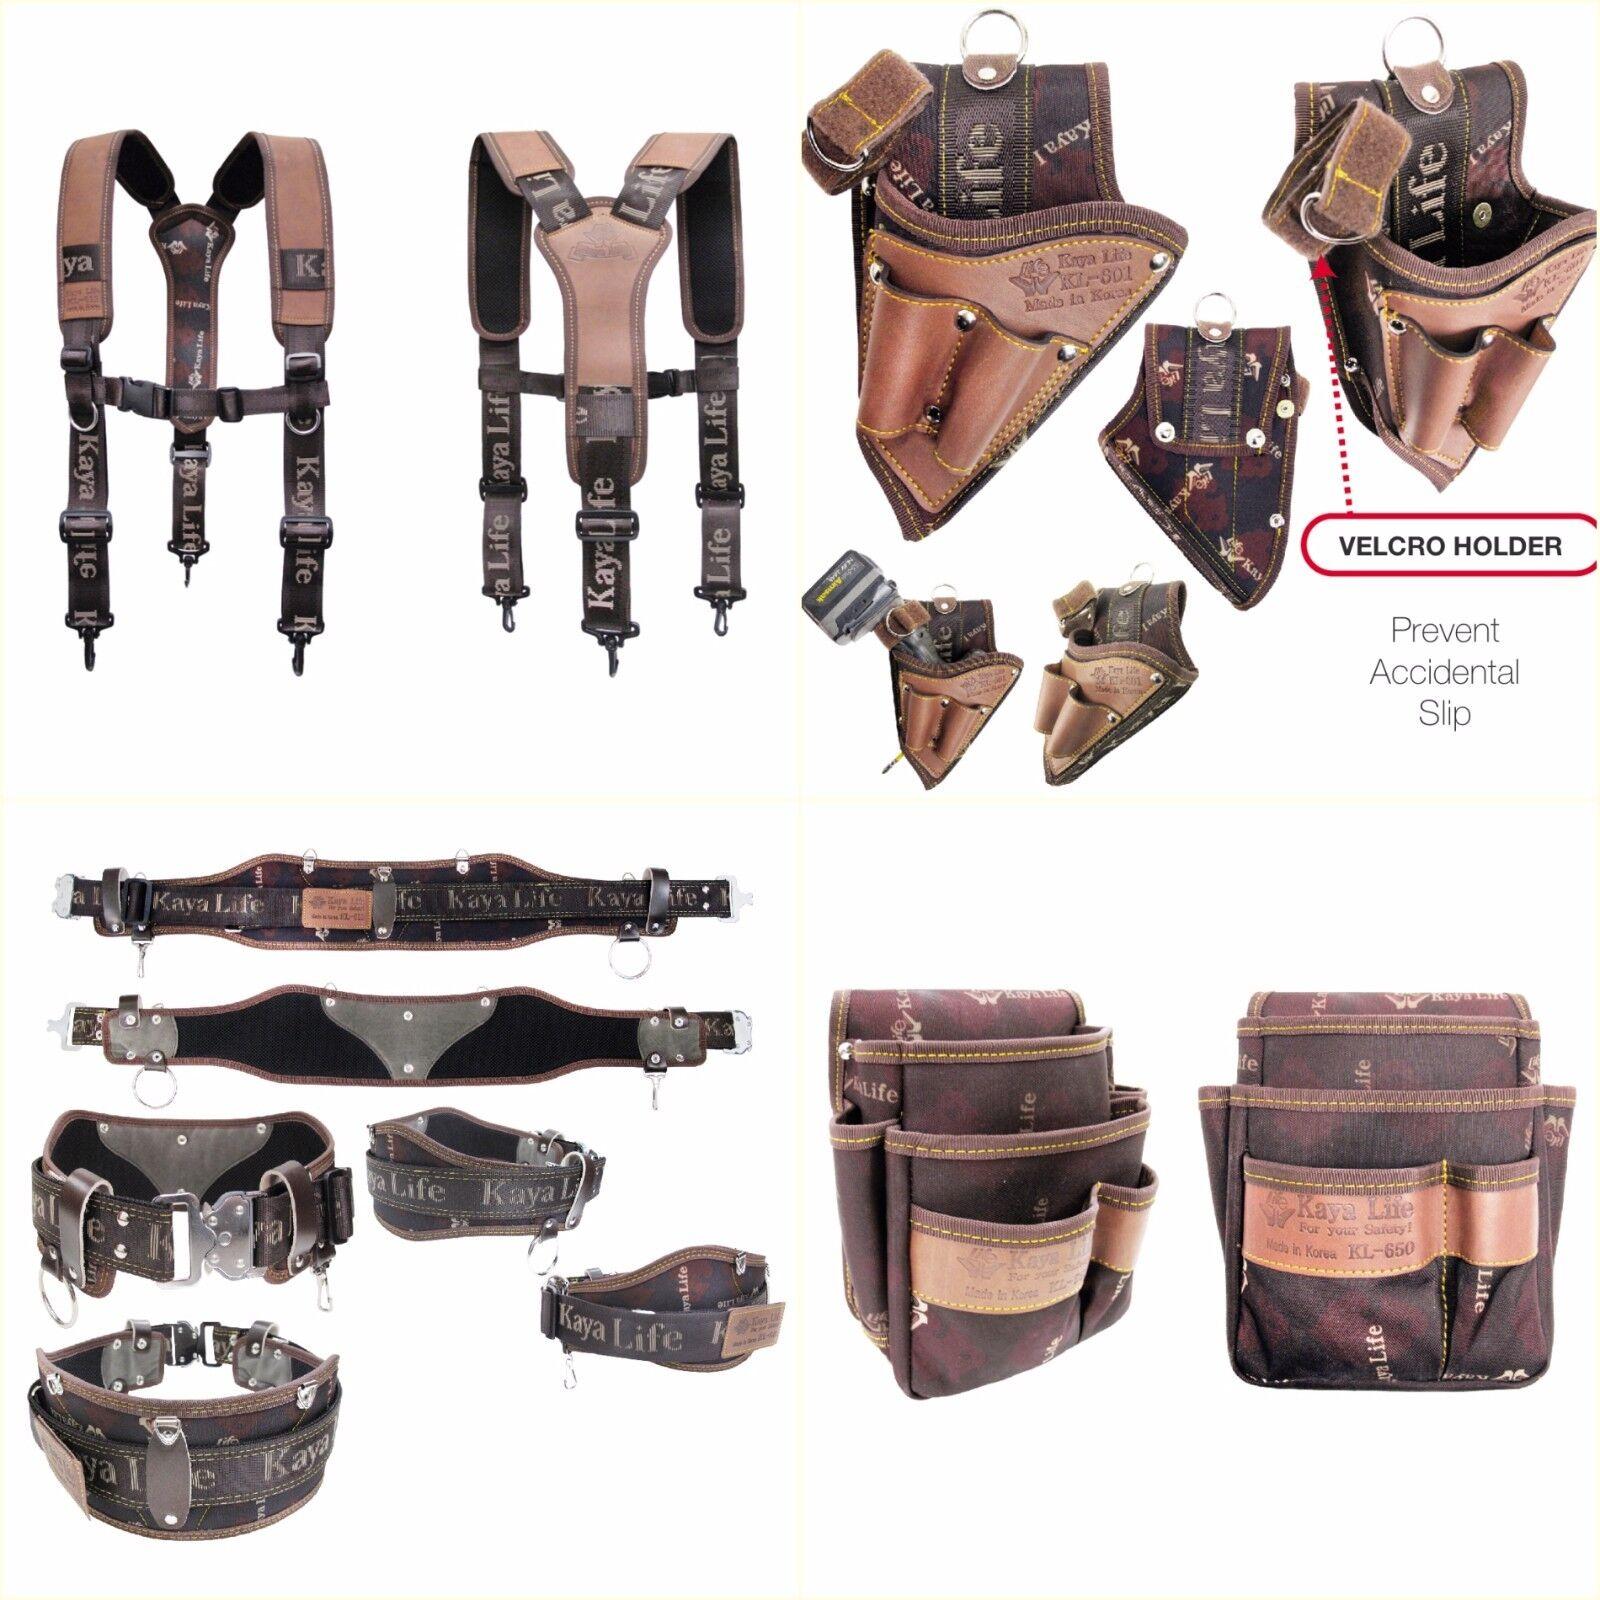 Professional Work Tool Belt Suspenders Multi holders Set KL Series Korea Made